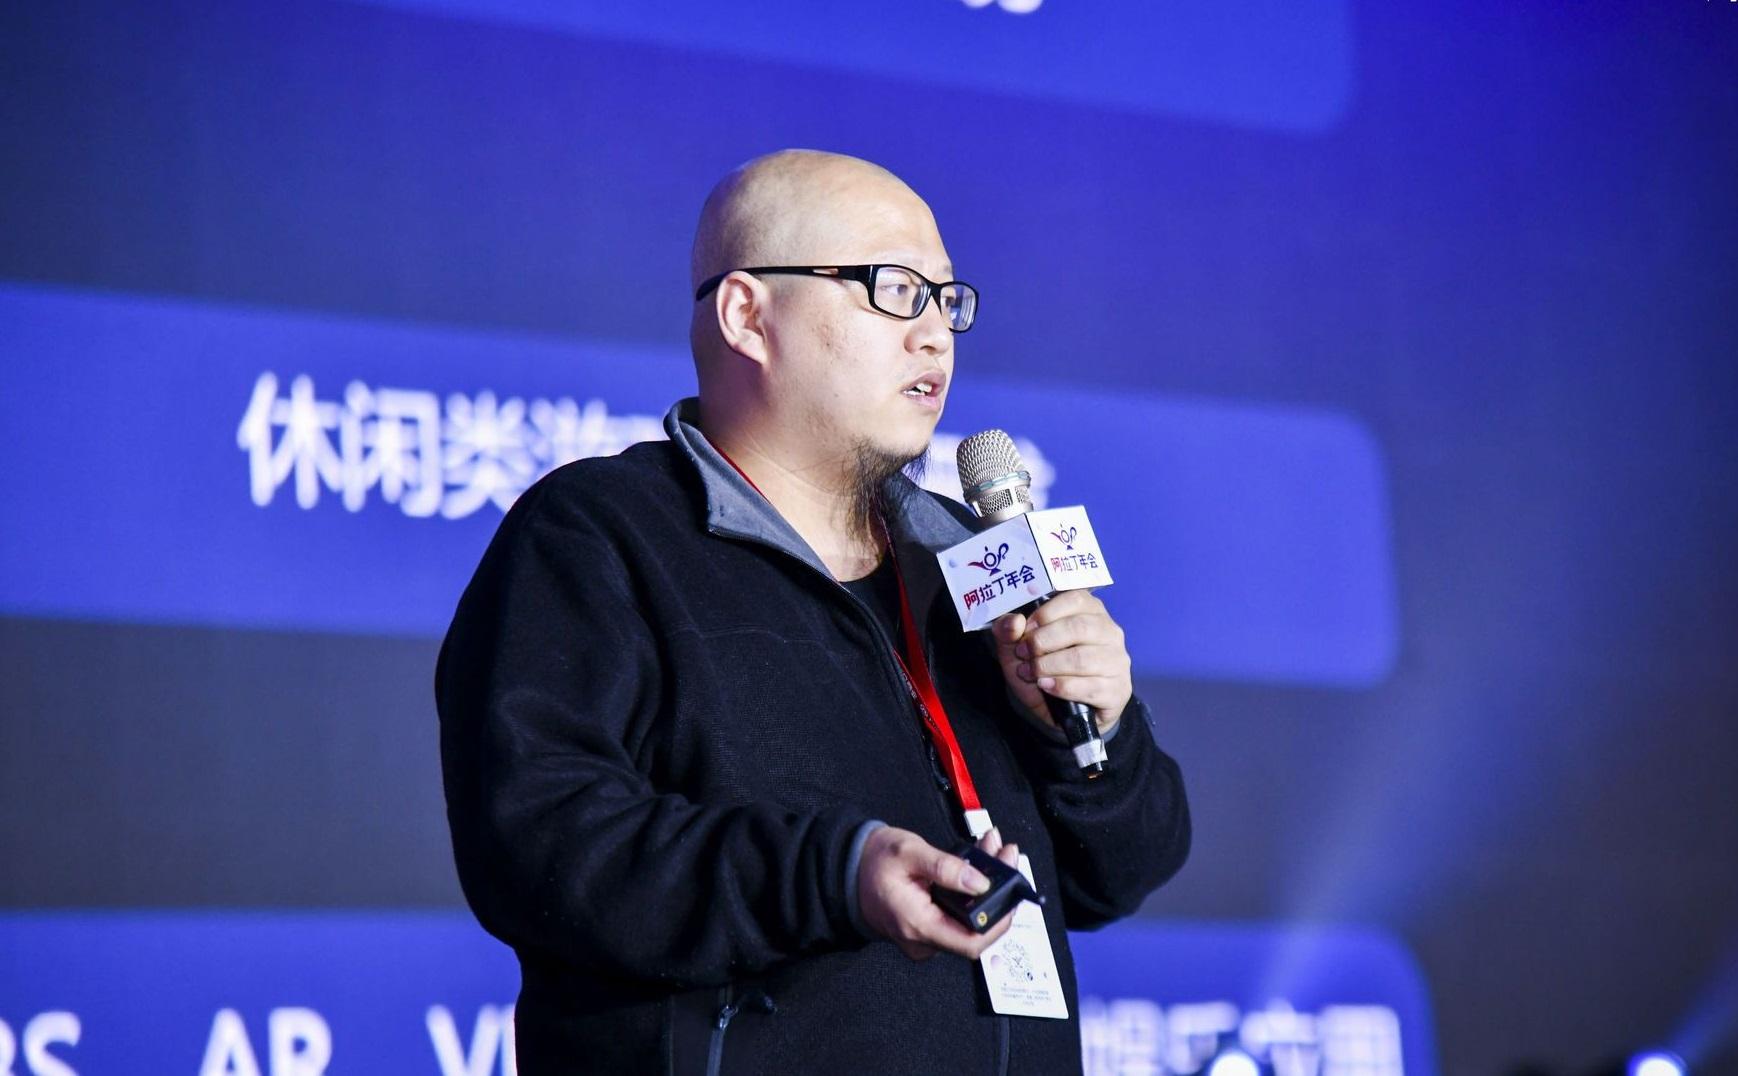 翰叶互娱王鸿博:从几何大逃亡看微信小游戏运营